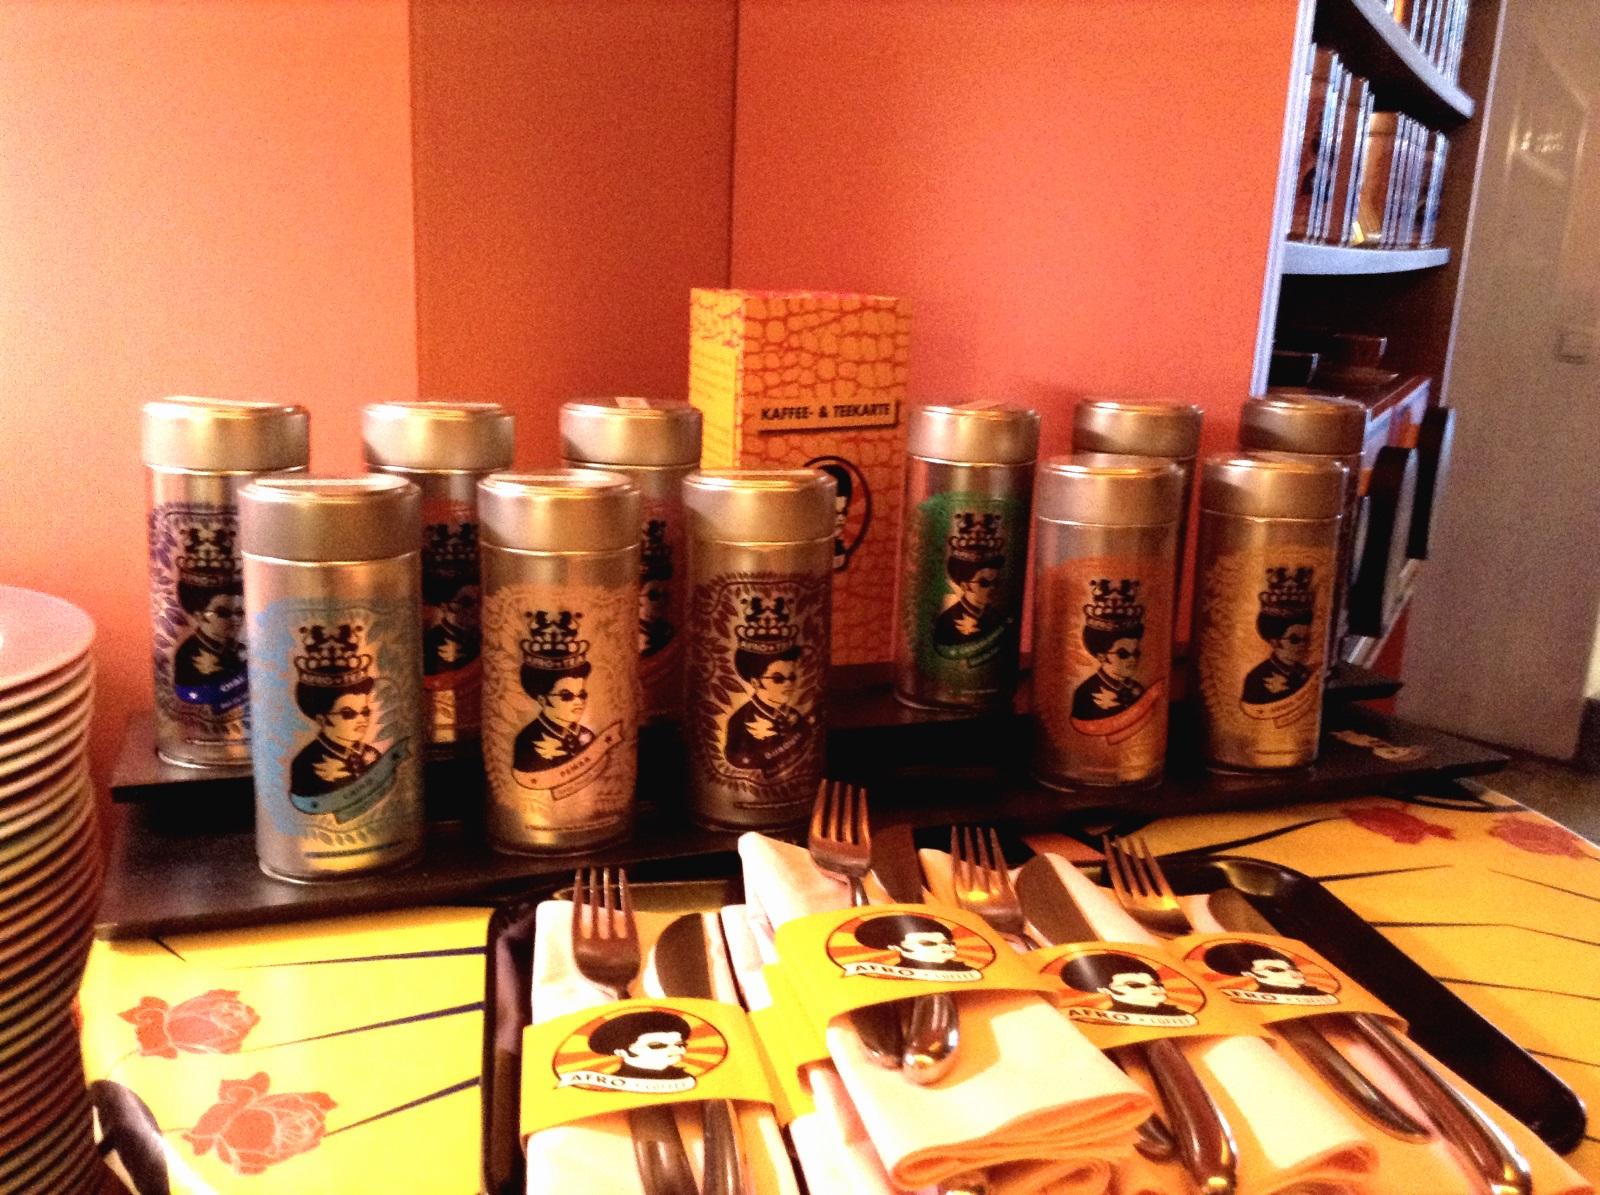 kleine Auswahl von Afrocoffee im Aufrocafe